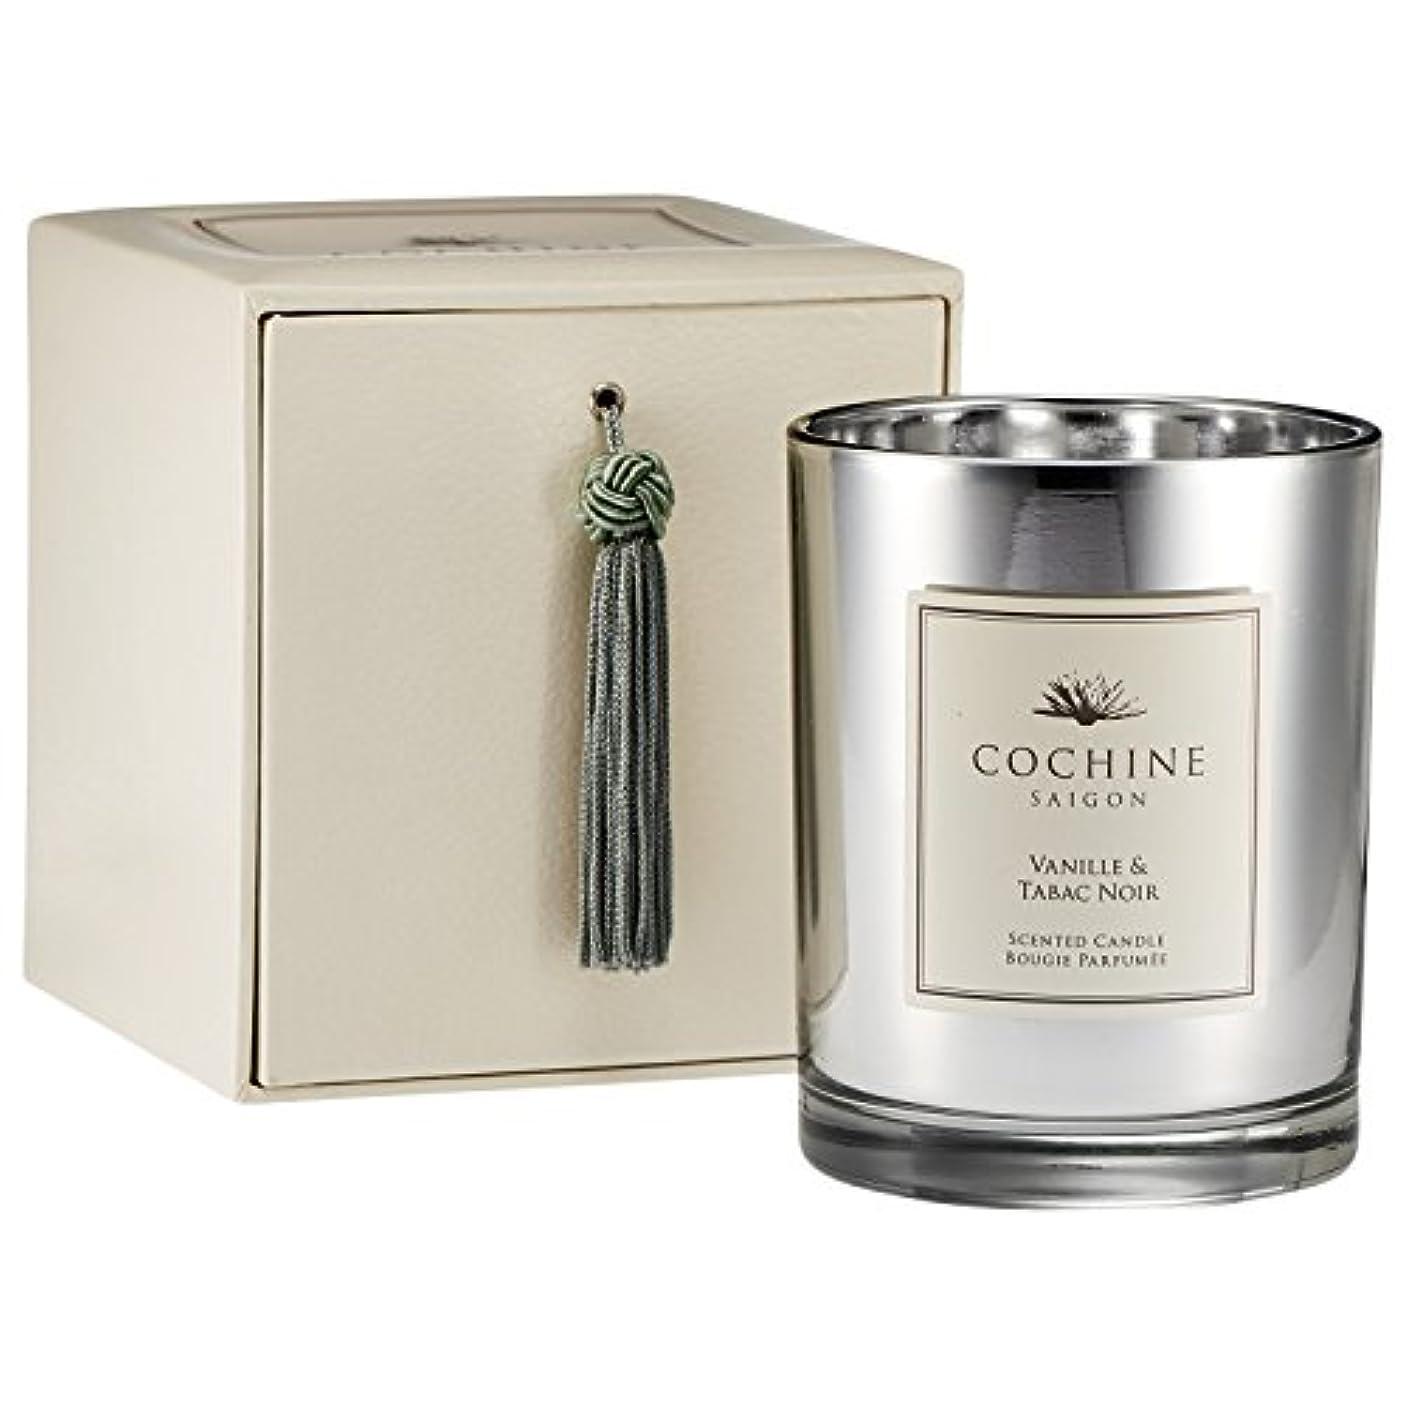 本質的ではない車両フォームCochine Vanille & Tabac Noir Scented Candle (Pack of 2) - Cochineヴァニラ&Tabacノワールの香りのキャンドル (Cochine) (x2) [並行輸入品]